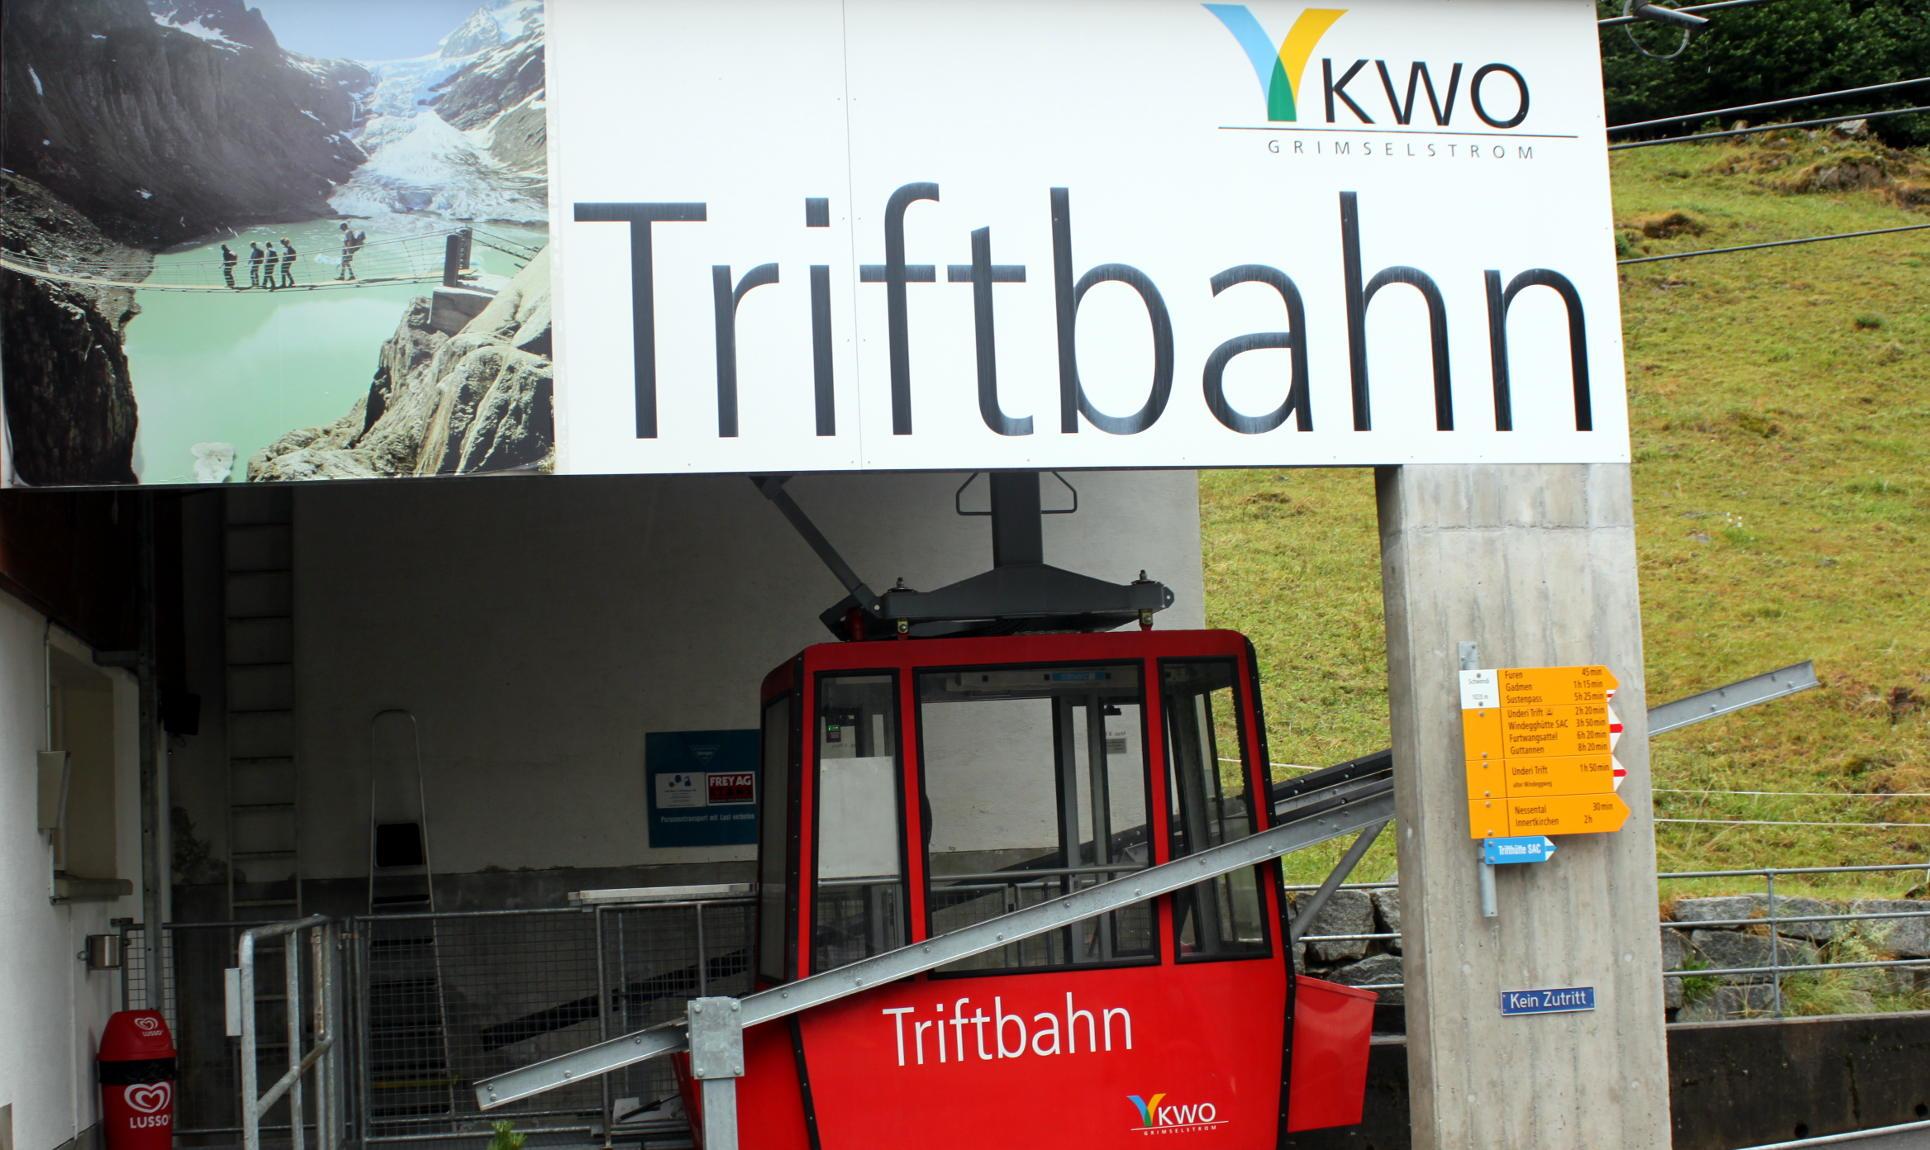 triftbahn stacja kolejki gondolowej iglawpodrozy